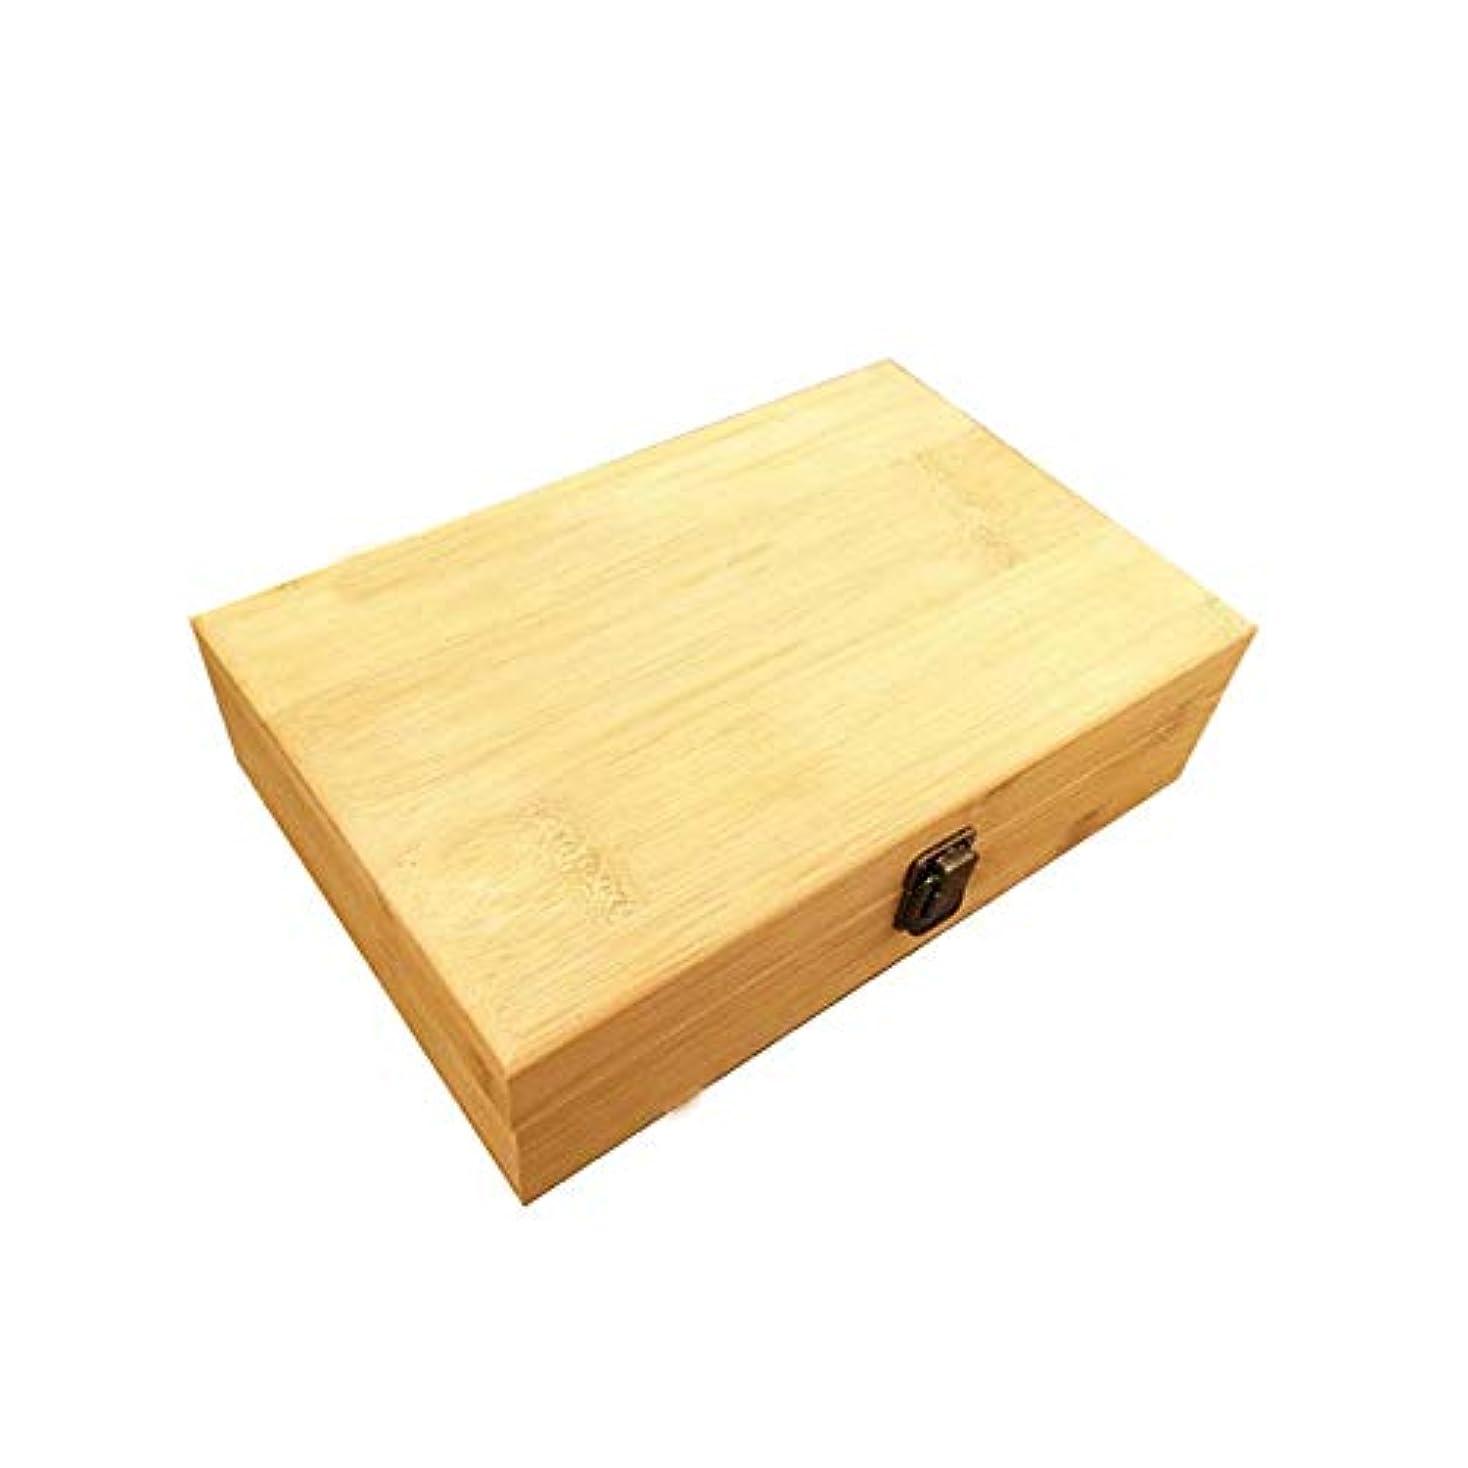 ユーモラス保持するトリプルエッセンシャルオイル収納ボックス 40スロットエッセンシャルオイルボックス木製収納ケースは、40本のボトルエッセンシャルオイルスペースセーバー29x18.5x8cm成り立ちます (色 : Natural, サイズ : 29X18.5X8CM)